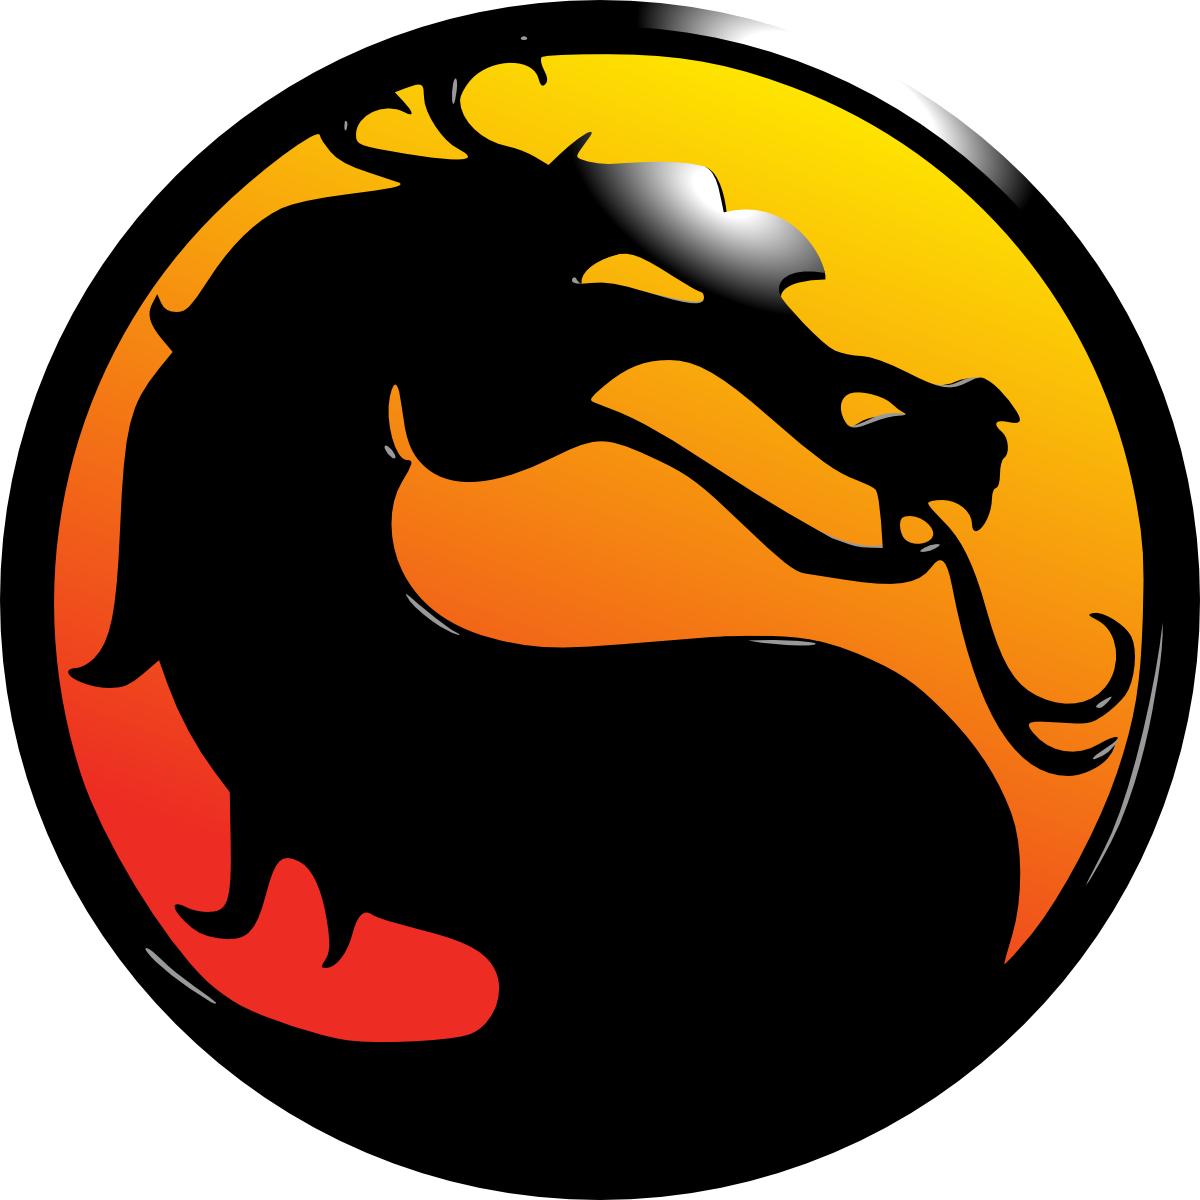 Политбатл: Михаил 55 и Ко VS Админ и Ко Mortal_kombat_logo